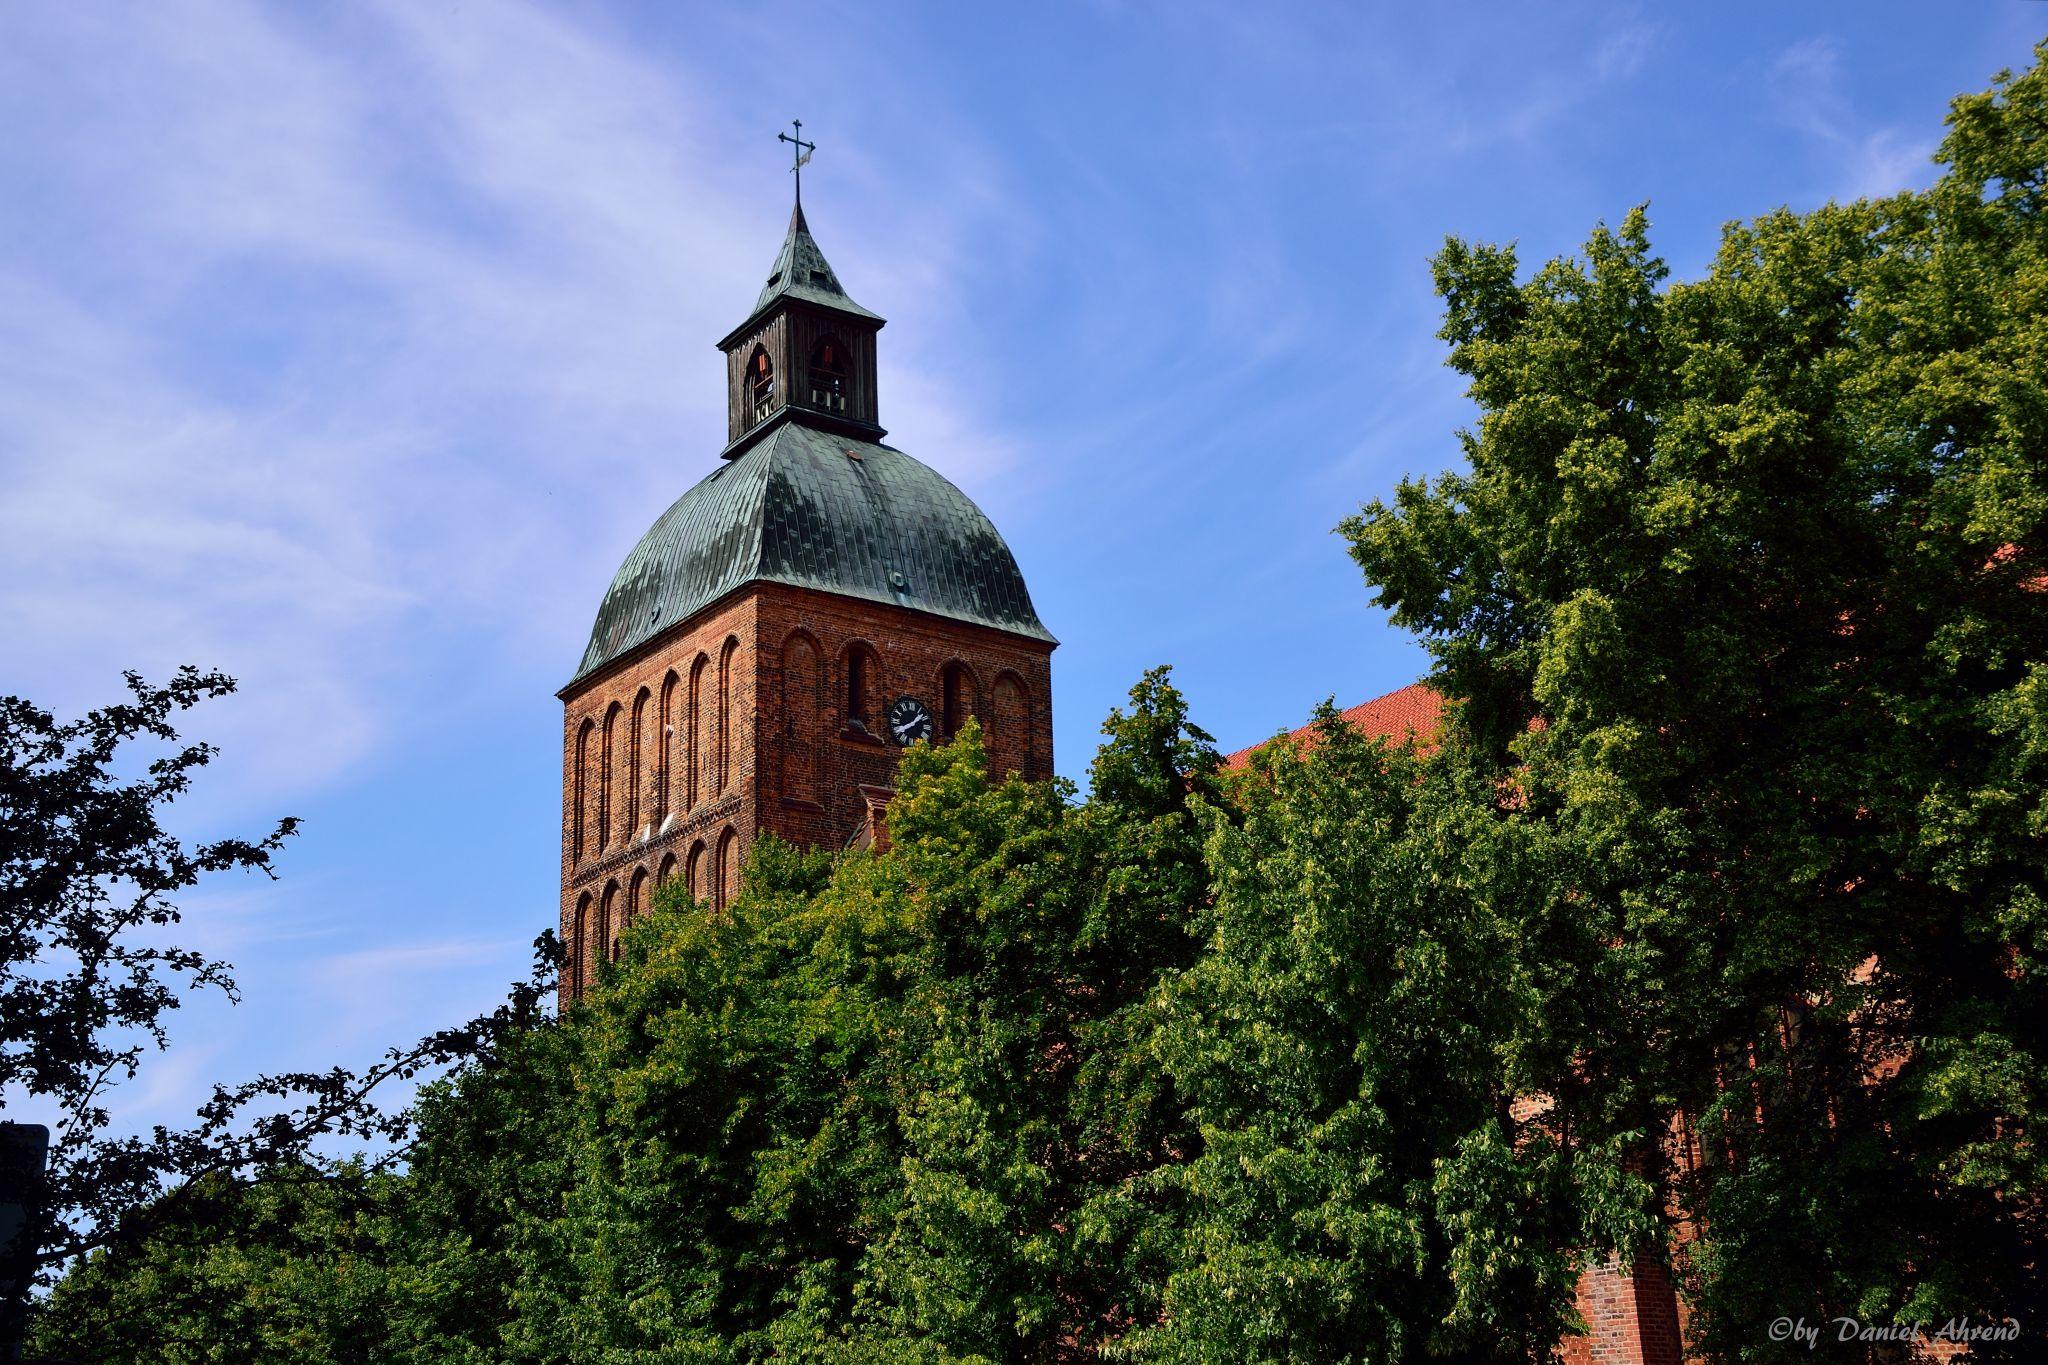 Marienkirche Ribnitz, Germany